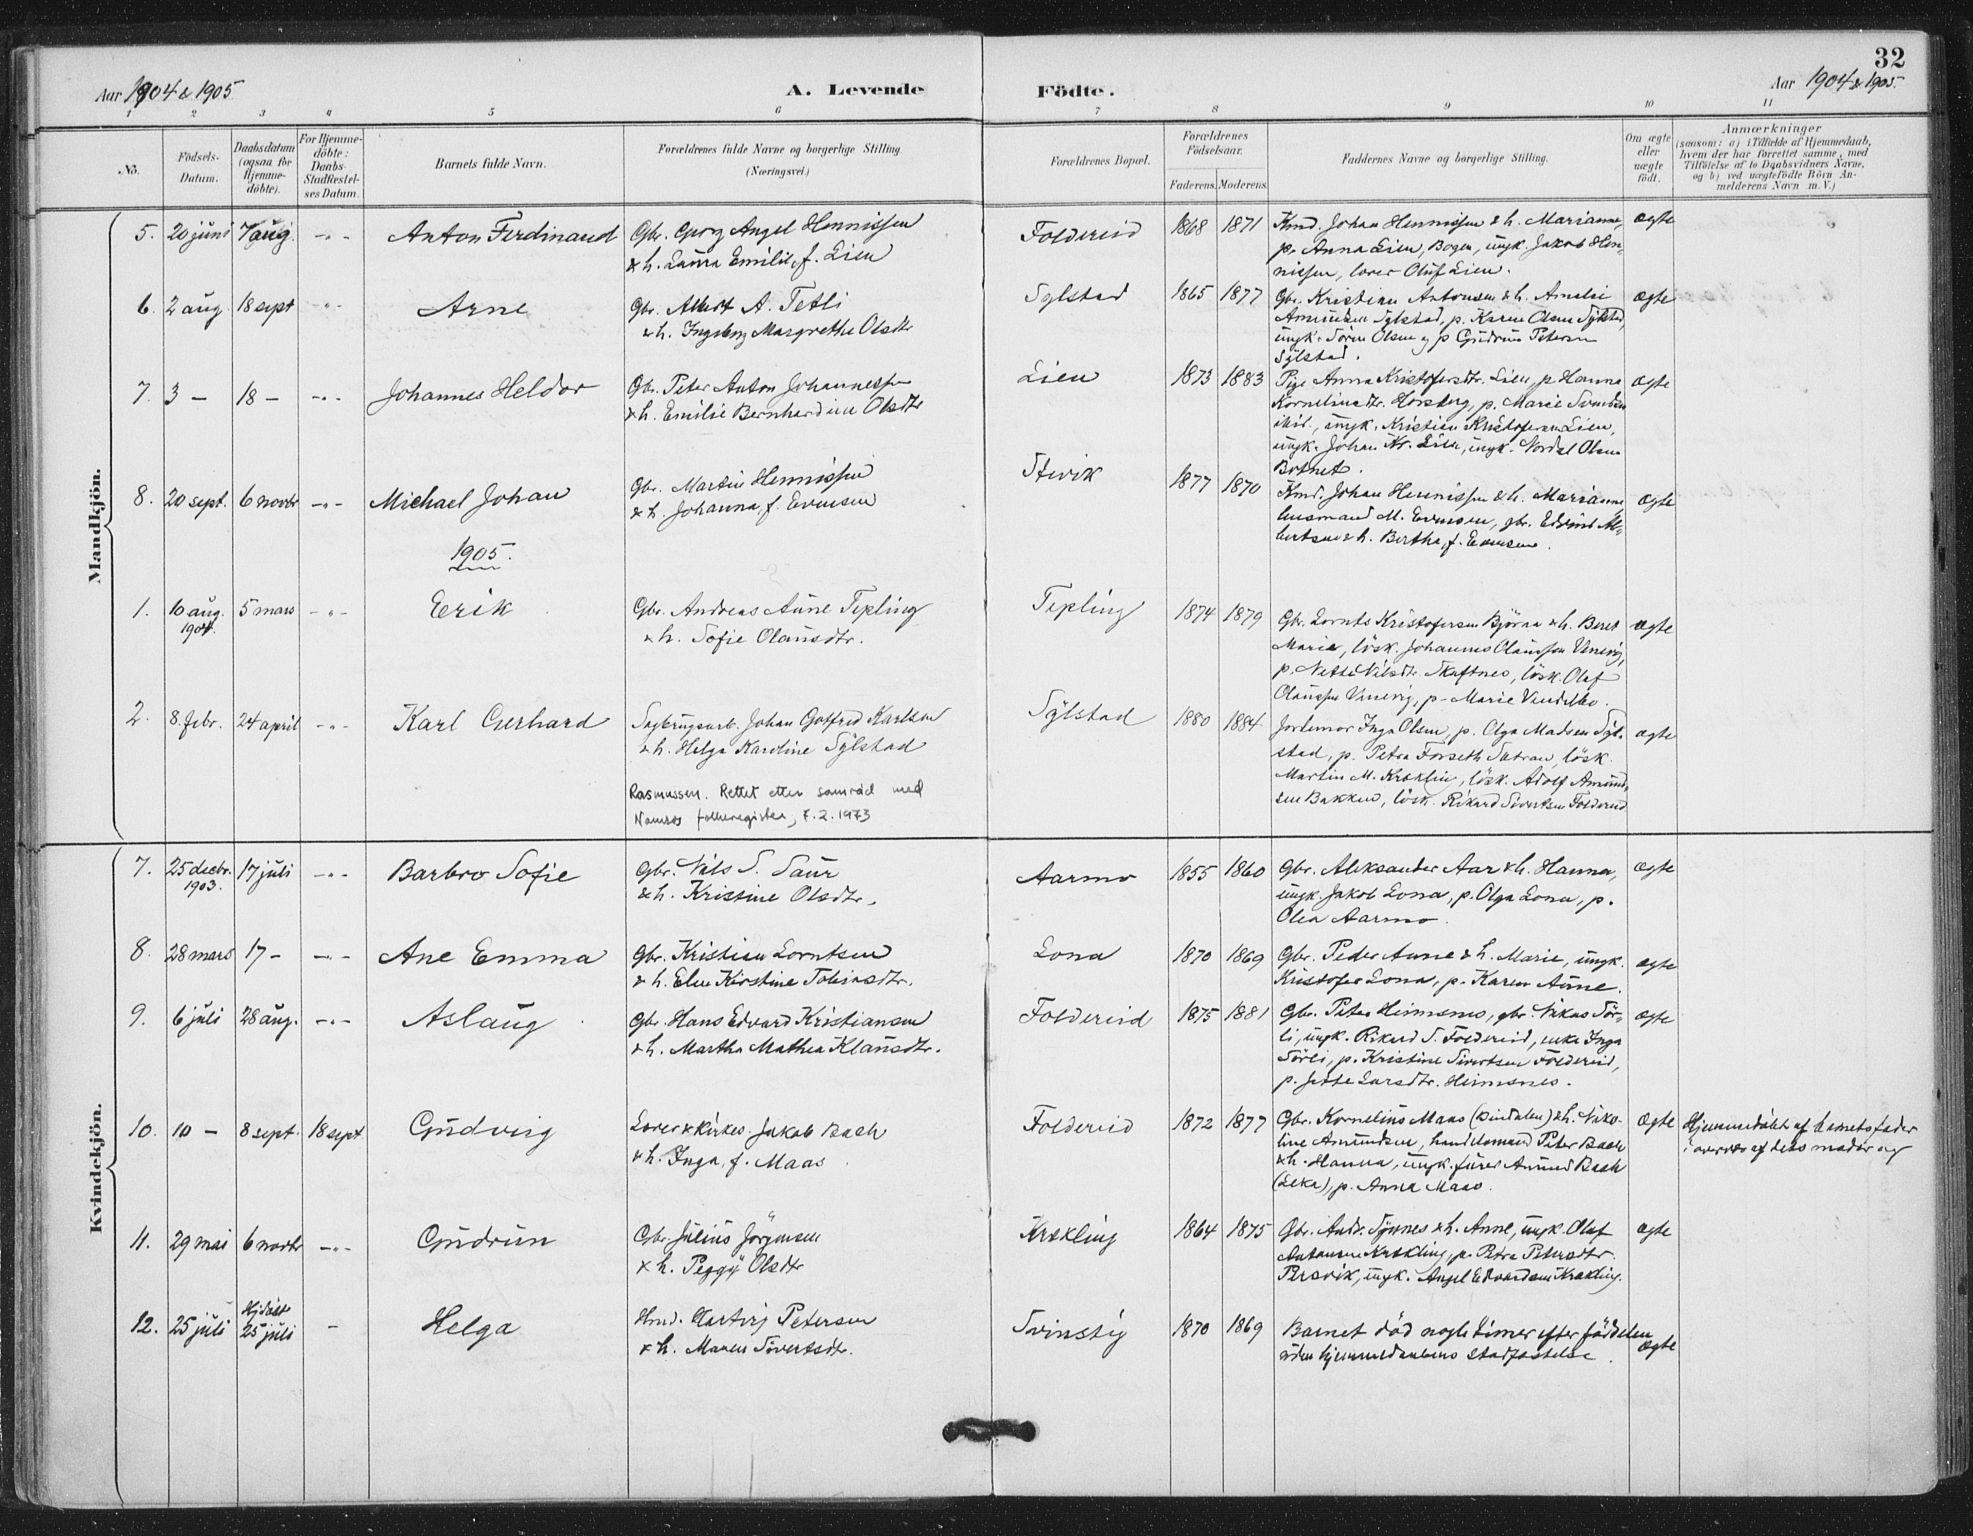 SAT, Ministerialprotokoller, klokkerbøker og fødselsregistre - Nord-Trøndelag, 783/L0660: Ministerialbok nr. 783A02, 1886-1918, s. 32